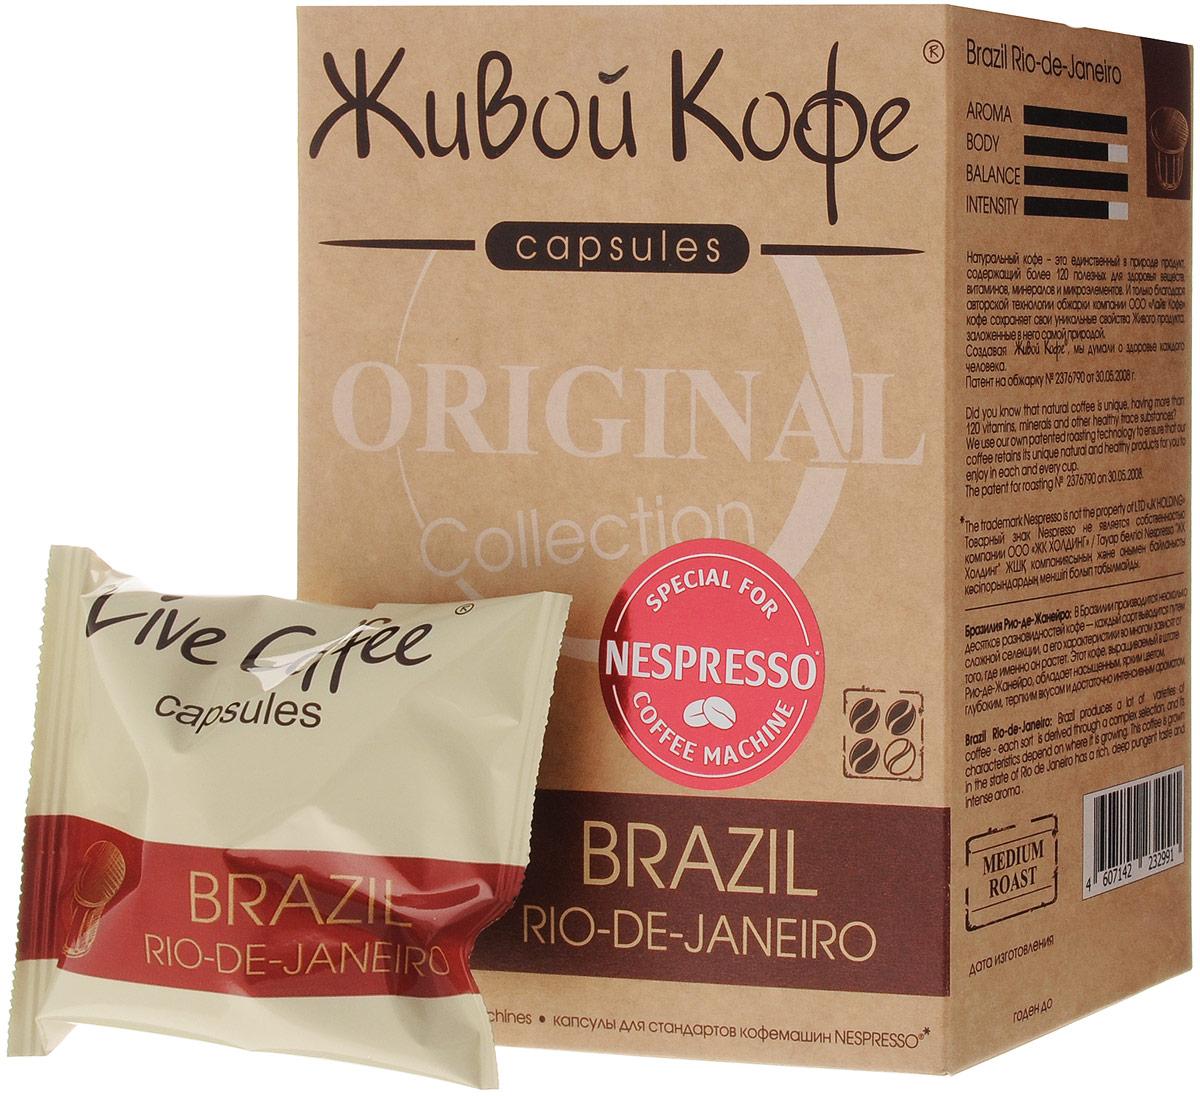 Живой Кофе Brazil Rio de Janeiro кофе в капсулах (индивидуальная упаковка), 10 штУПП00003794Живой Кофе Brazil Rio de Janeiro - натуральный молотый кофе средней обжарки в капсулах. В Бразилии производится несколько десятков разновидностей кофе — каждый сорт выводится путем сложной селекции, а его характеристики во многом зависят от того, где именно он растет. Этот кофе, выращиваемый в штате Рио-де-Жанейро, обладает насыщенным ярким цветом, глубоким терпким вкусом и достаточно интенсивным ароматом.Каждая капсула упакована в индивидуальный пакет для сохранения свежести и качества кофе. Благодаря авторской технологии обжарки группы компаний Сафари кофе напиток сохраняет свои уникальные свойства, заложенные самой природой.Уважаемые клиенты! Обращаем ваше внимание на то, что упаковка может иметь несколько видов дизайна. Поставка осуществляется в зависимости от наличия на складе.